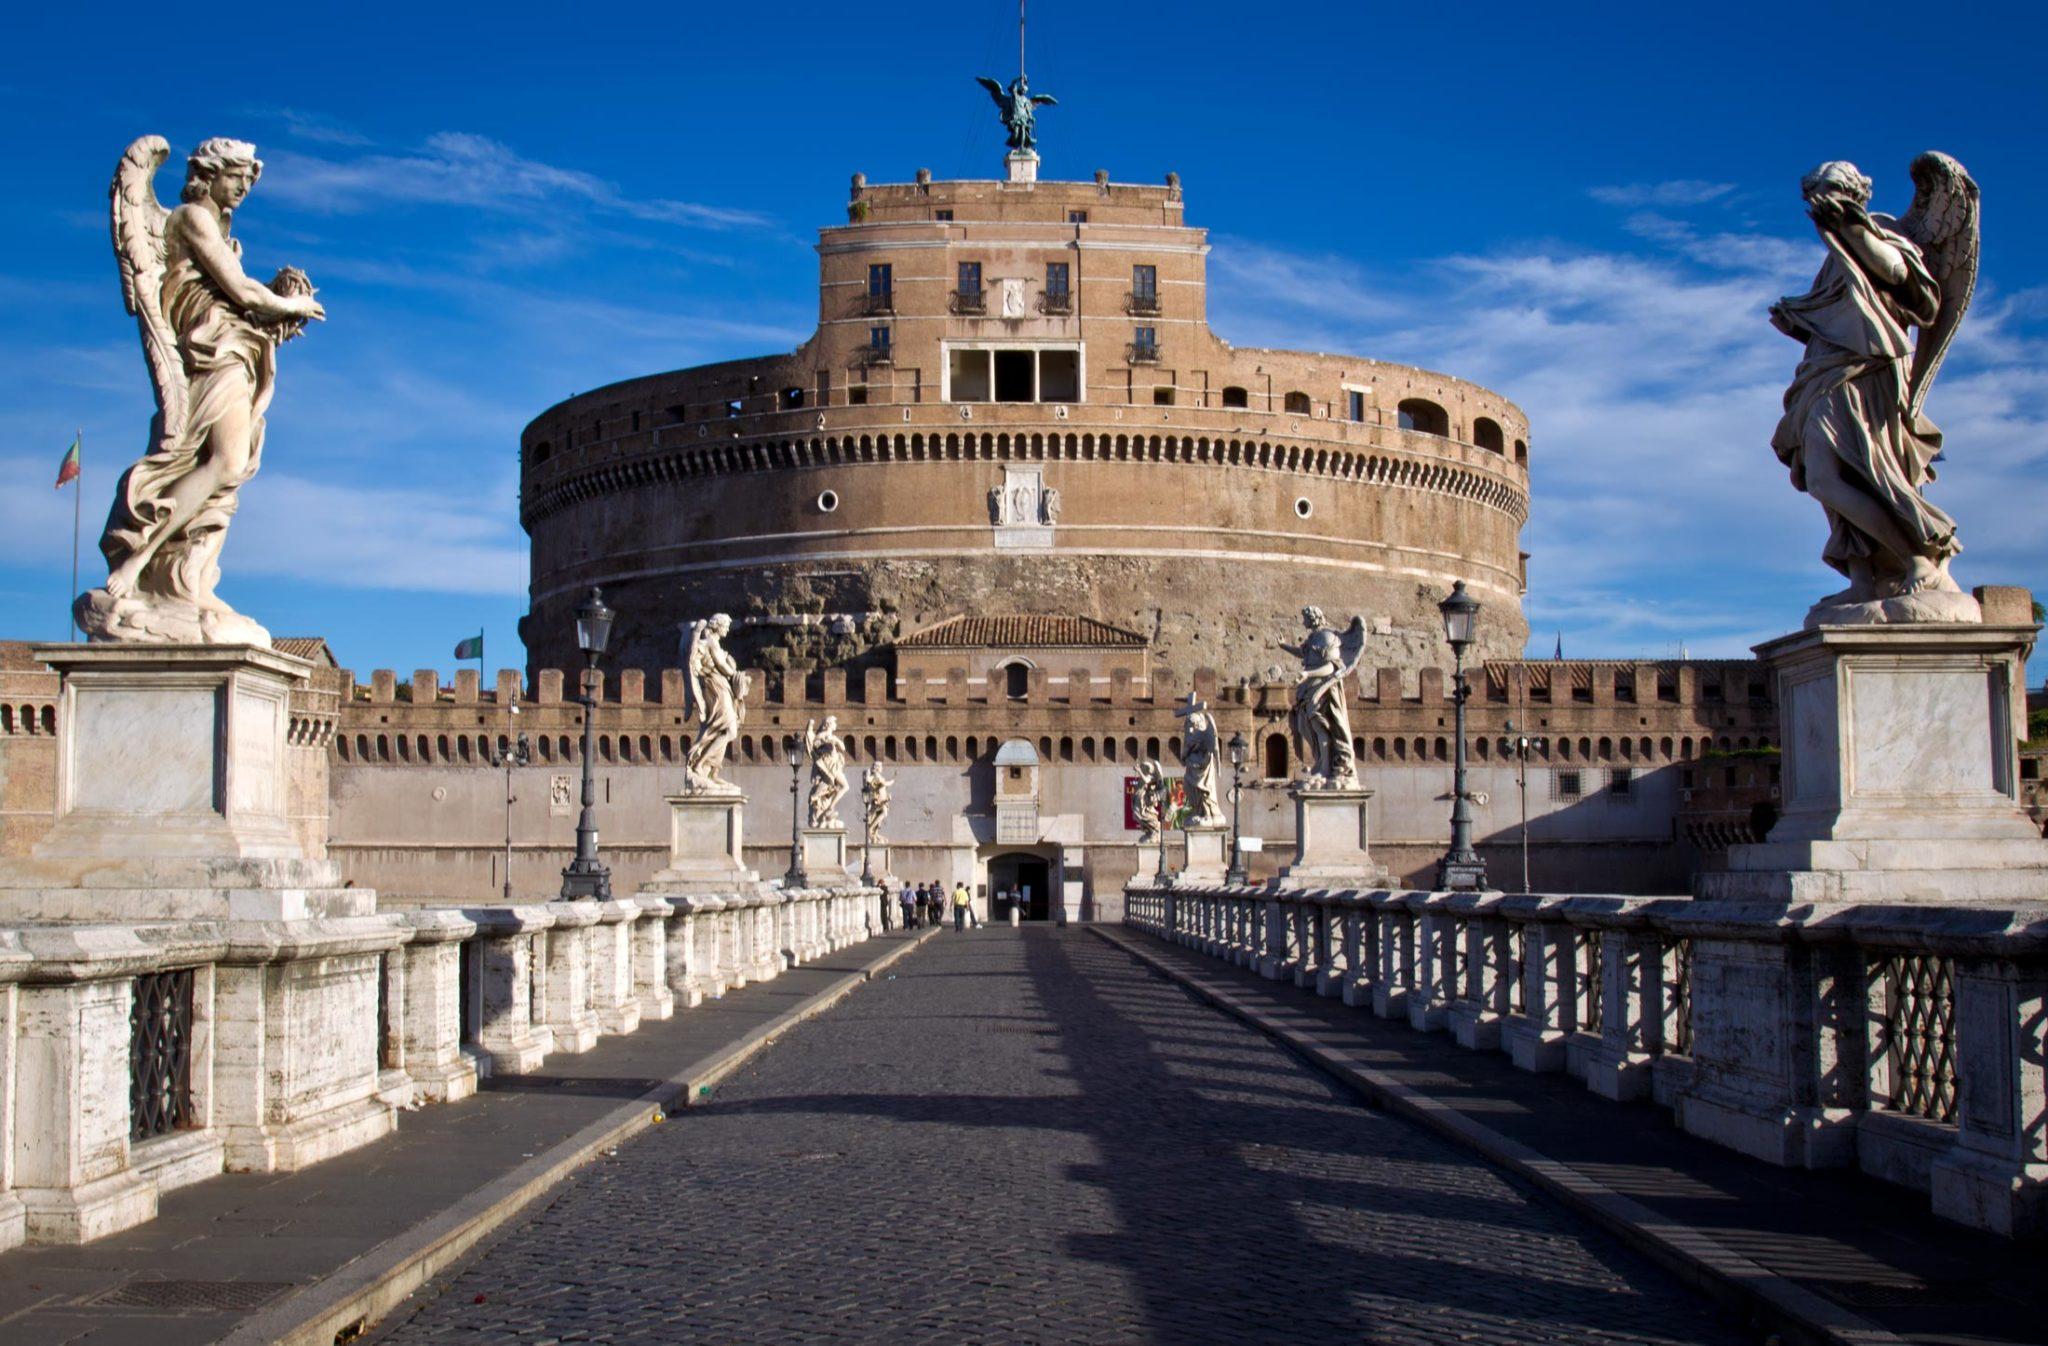 L'inespugnabile fortezza di Roma: Castel Sant'Angelo